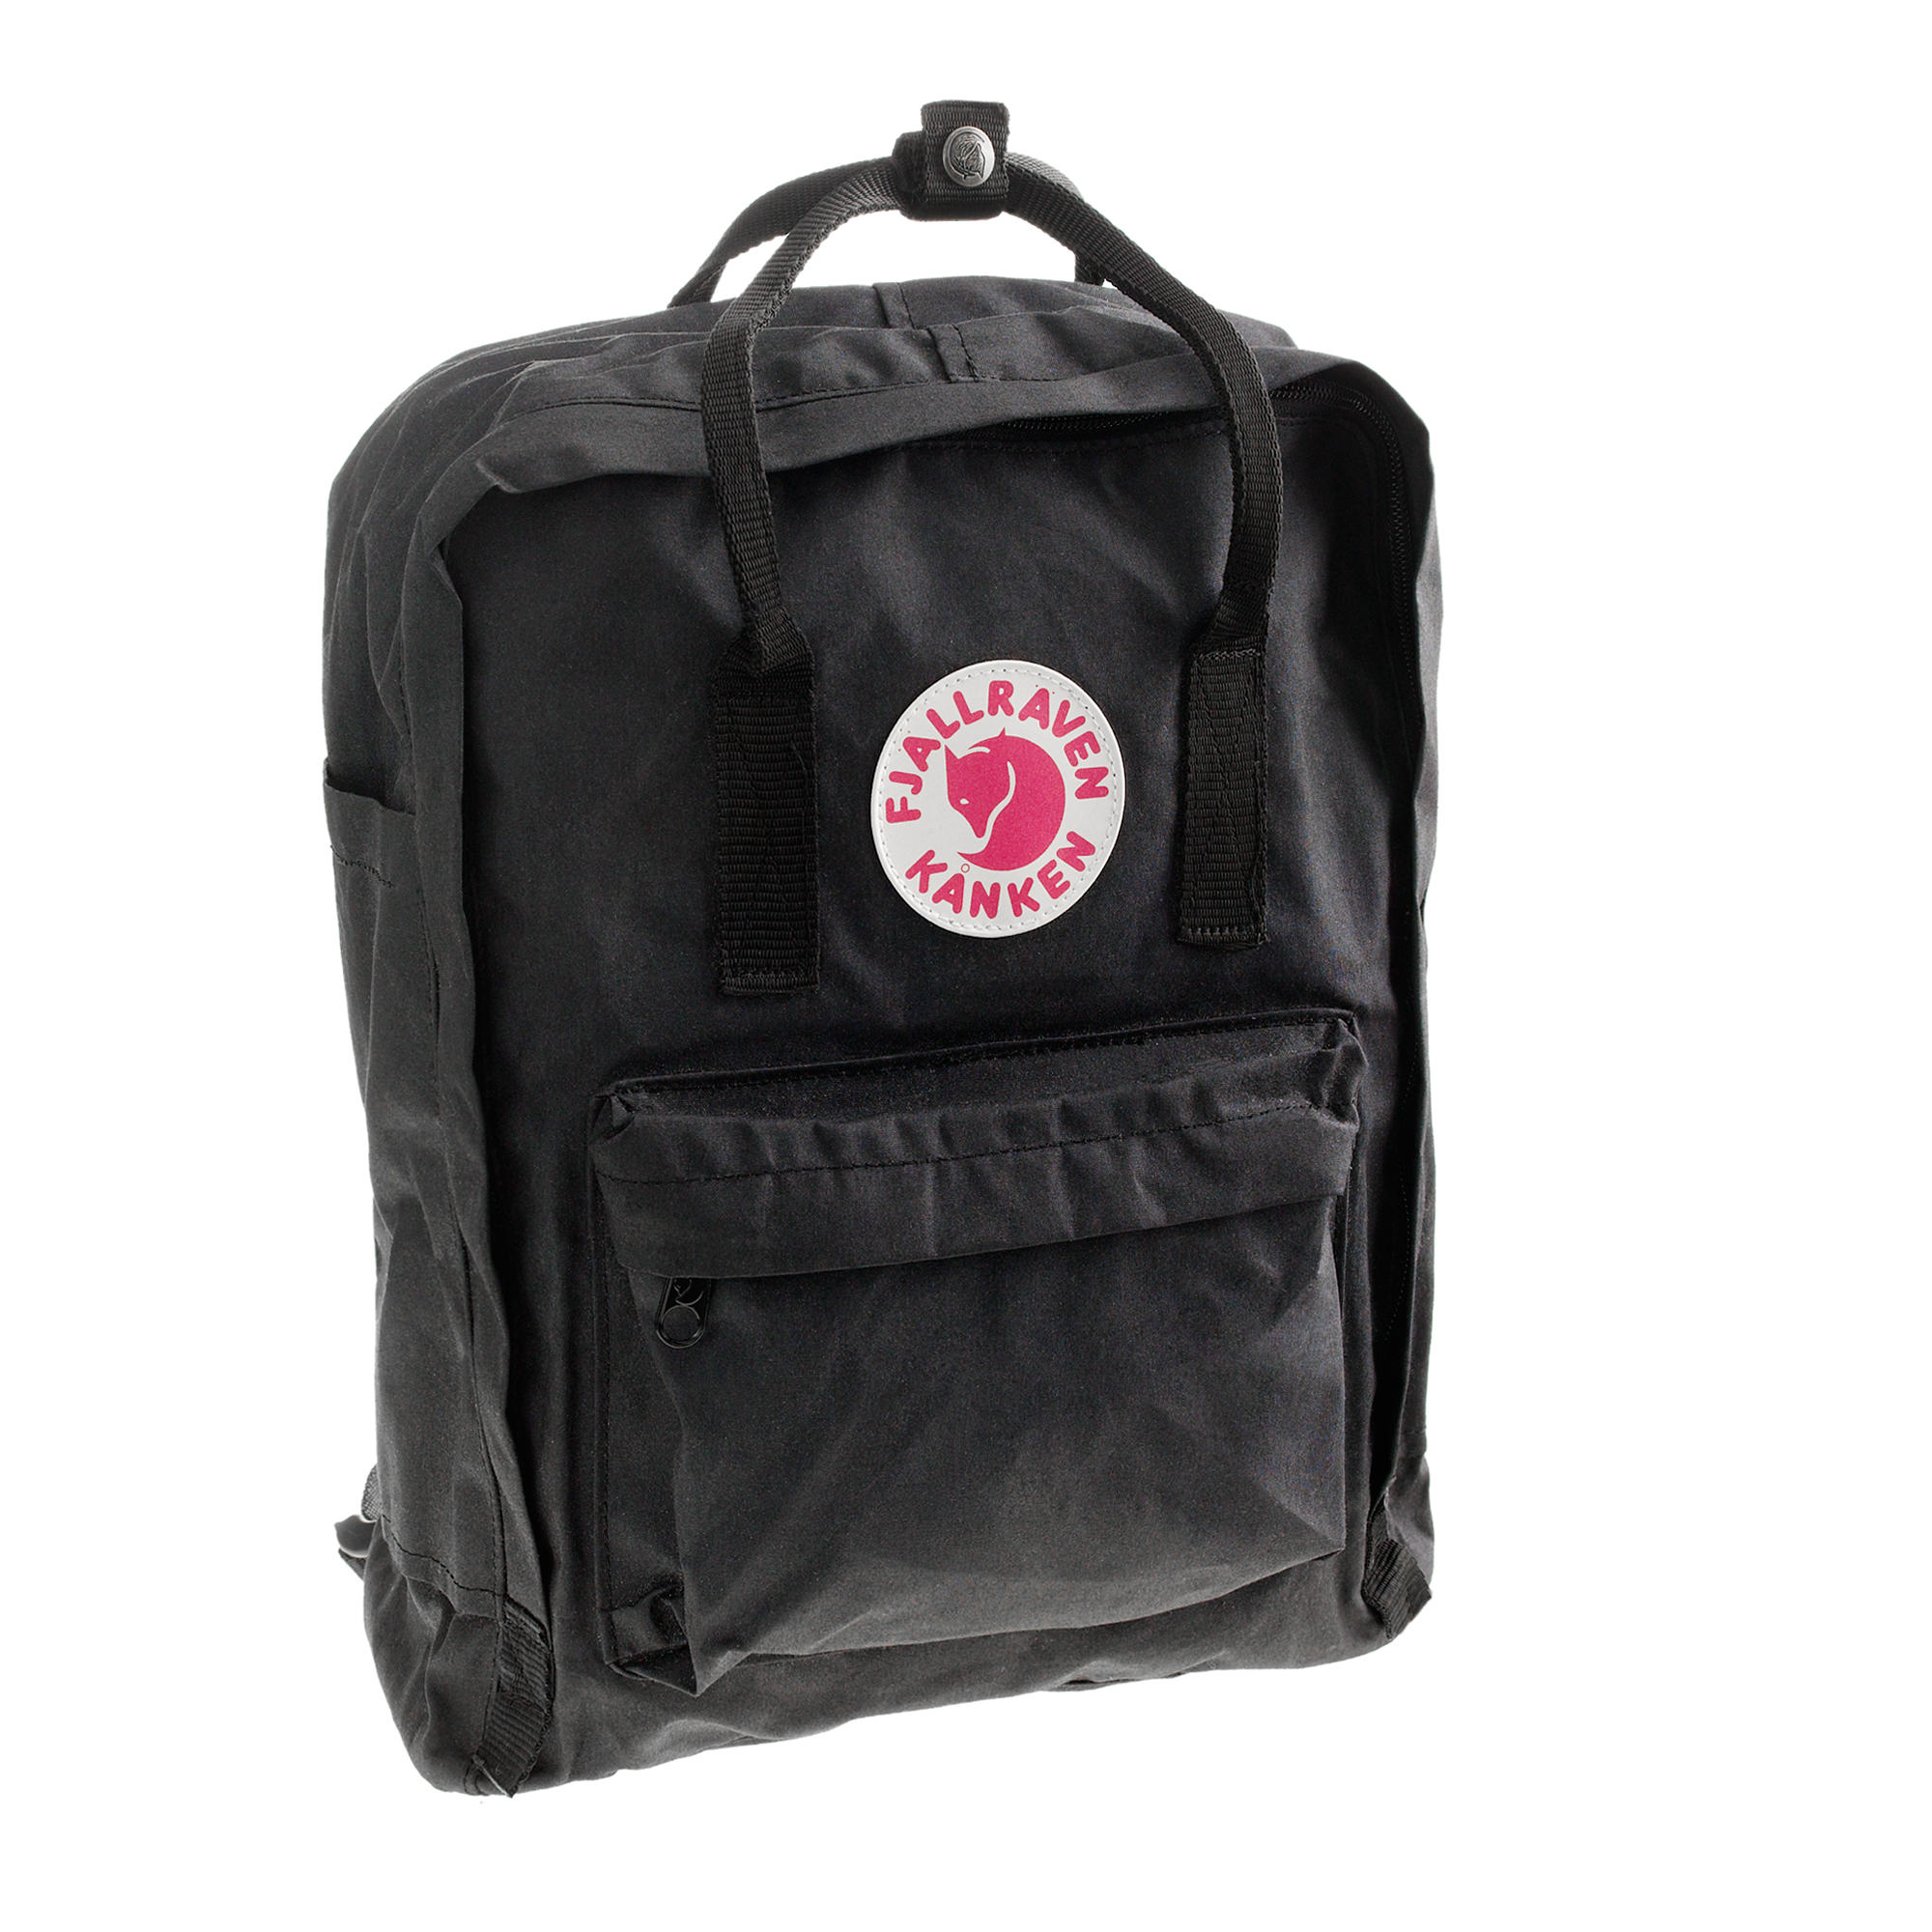 Fjällräven® classic Kanken backpack :